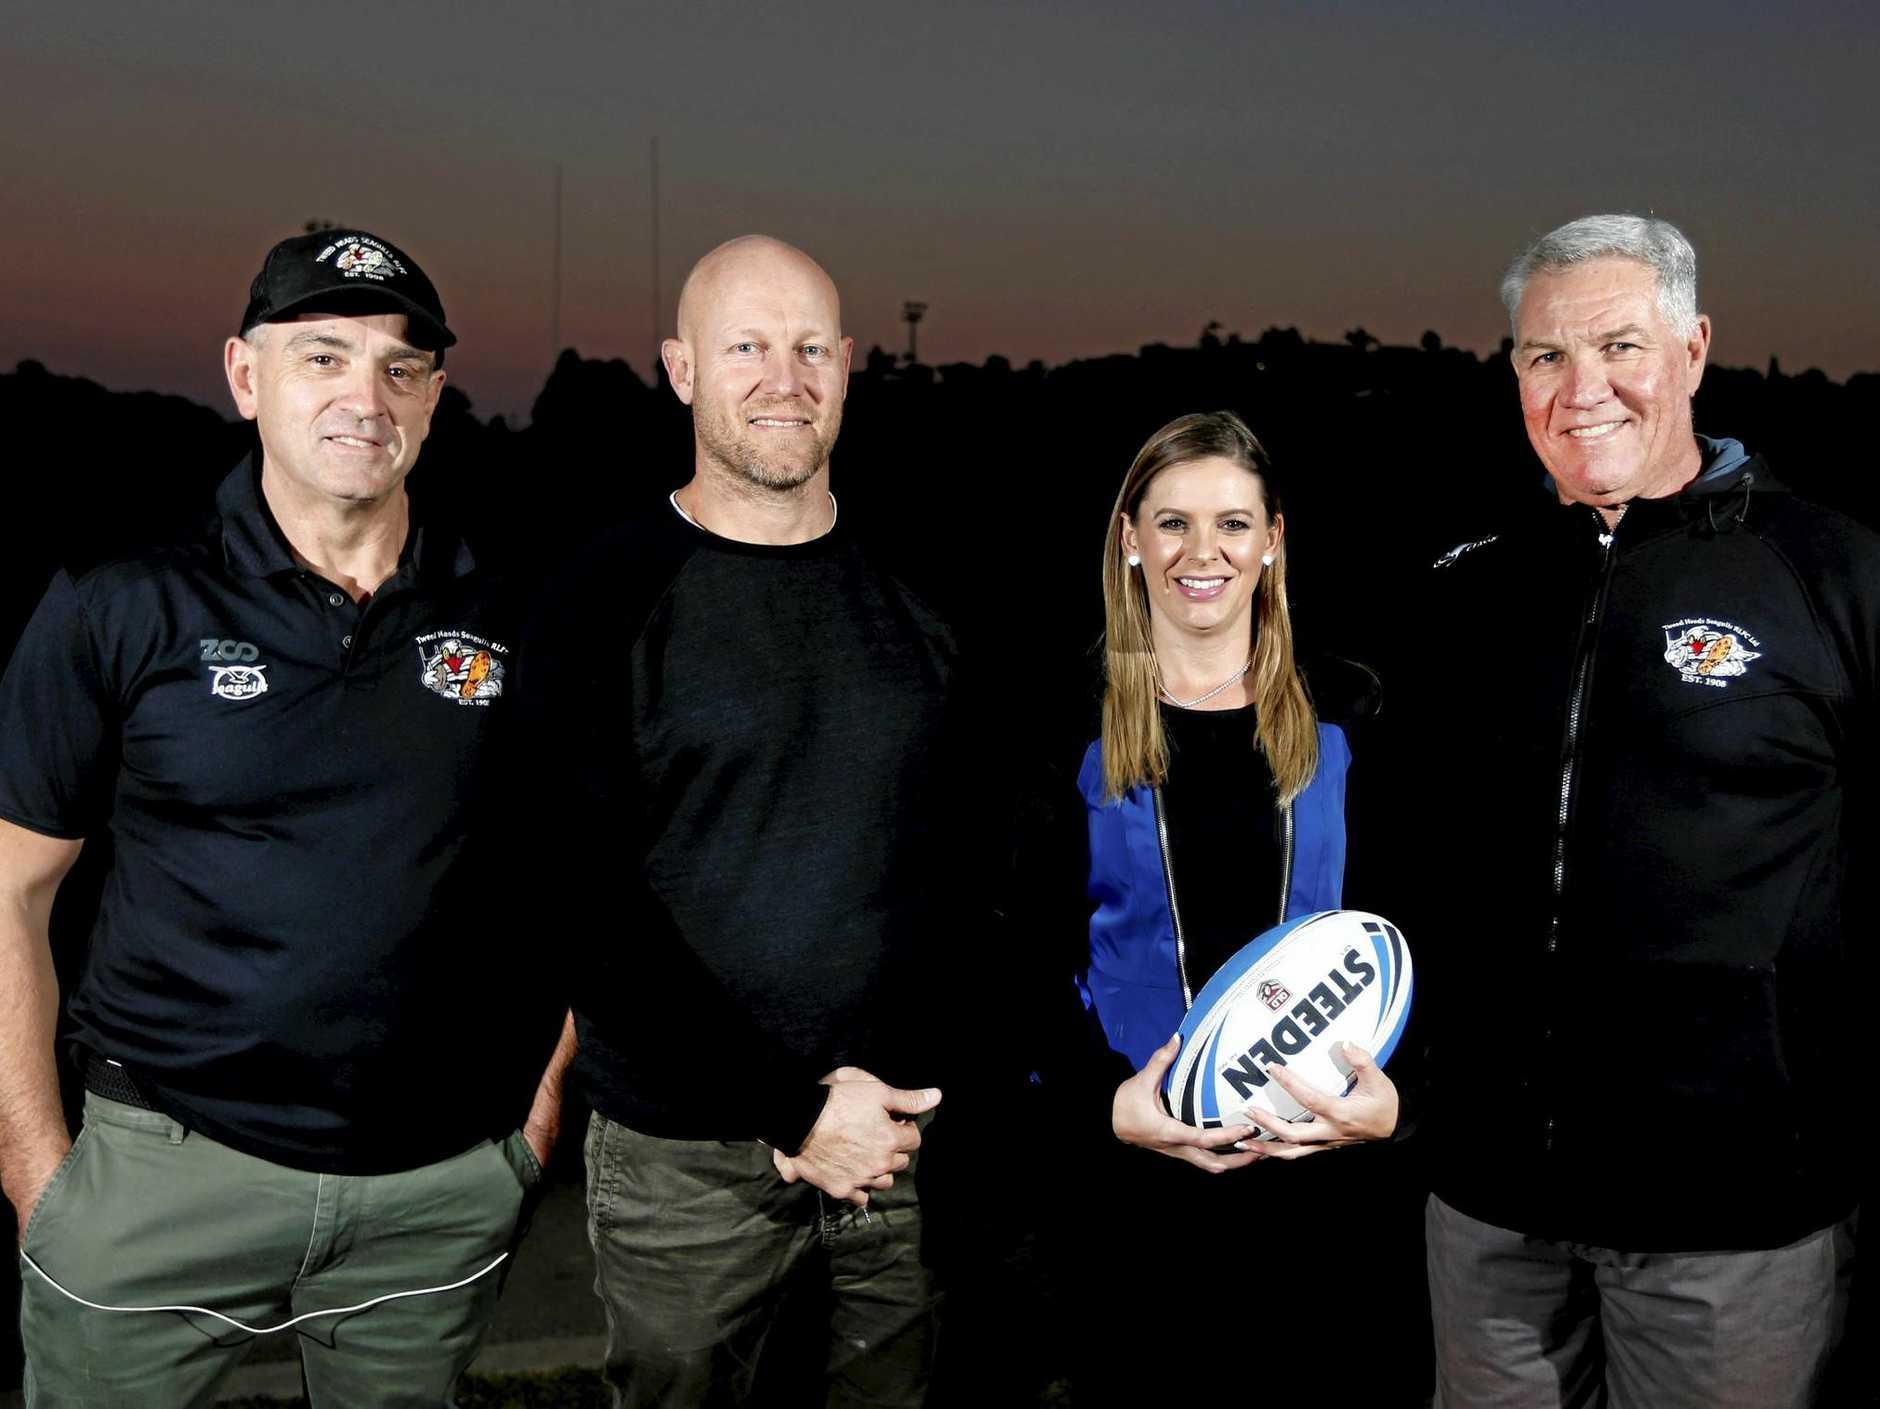 Brigid Davey - Tweed Heads Rugby League first female Board Member Brigid Davey. Darryn Staff, Jamie McDonald, Brigid Davey and Ian Paten.